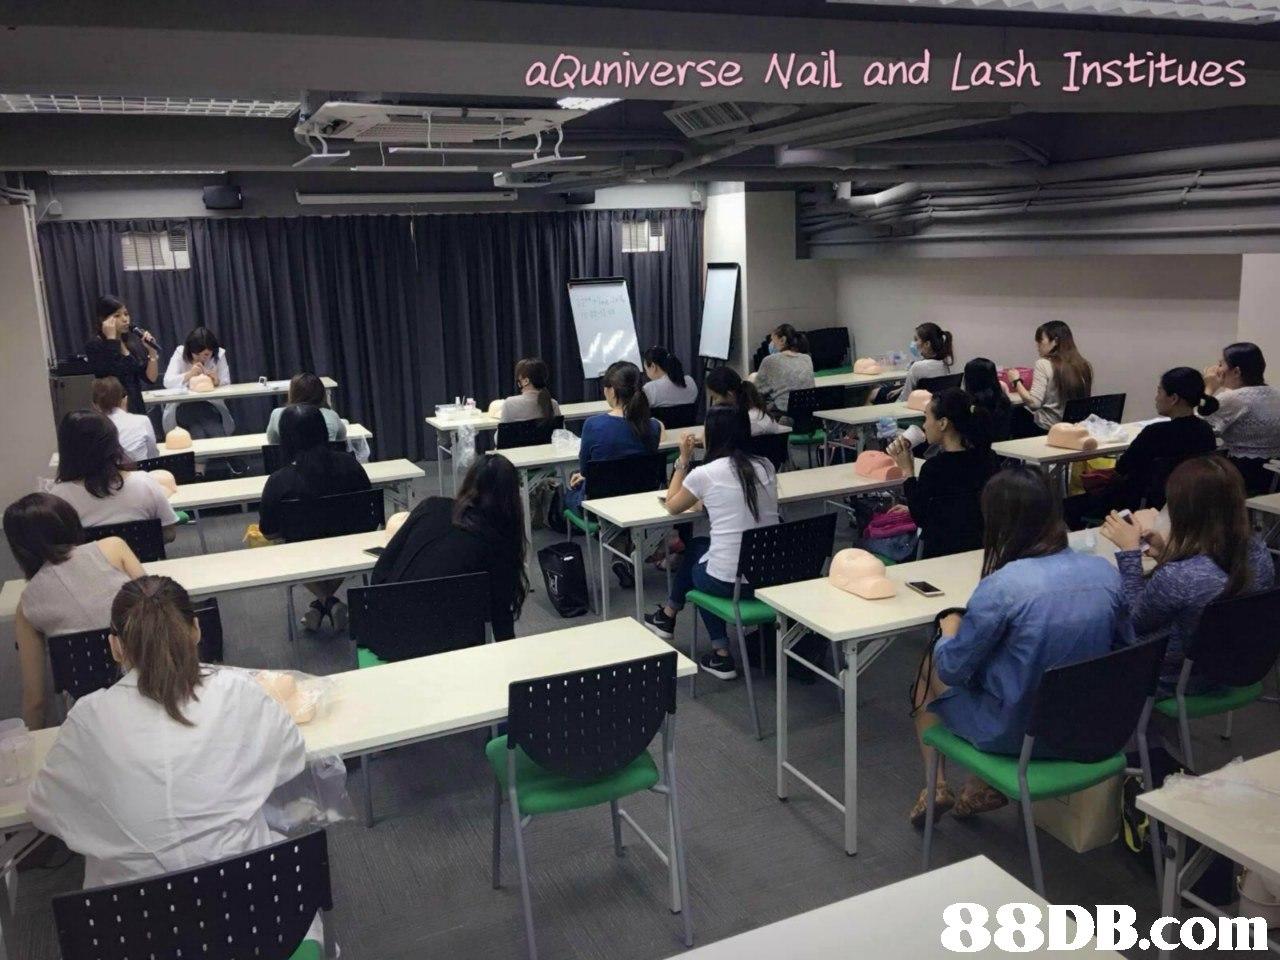 aßuniverse Nail and Lash Institues,seminar,